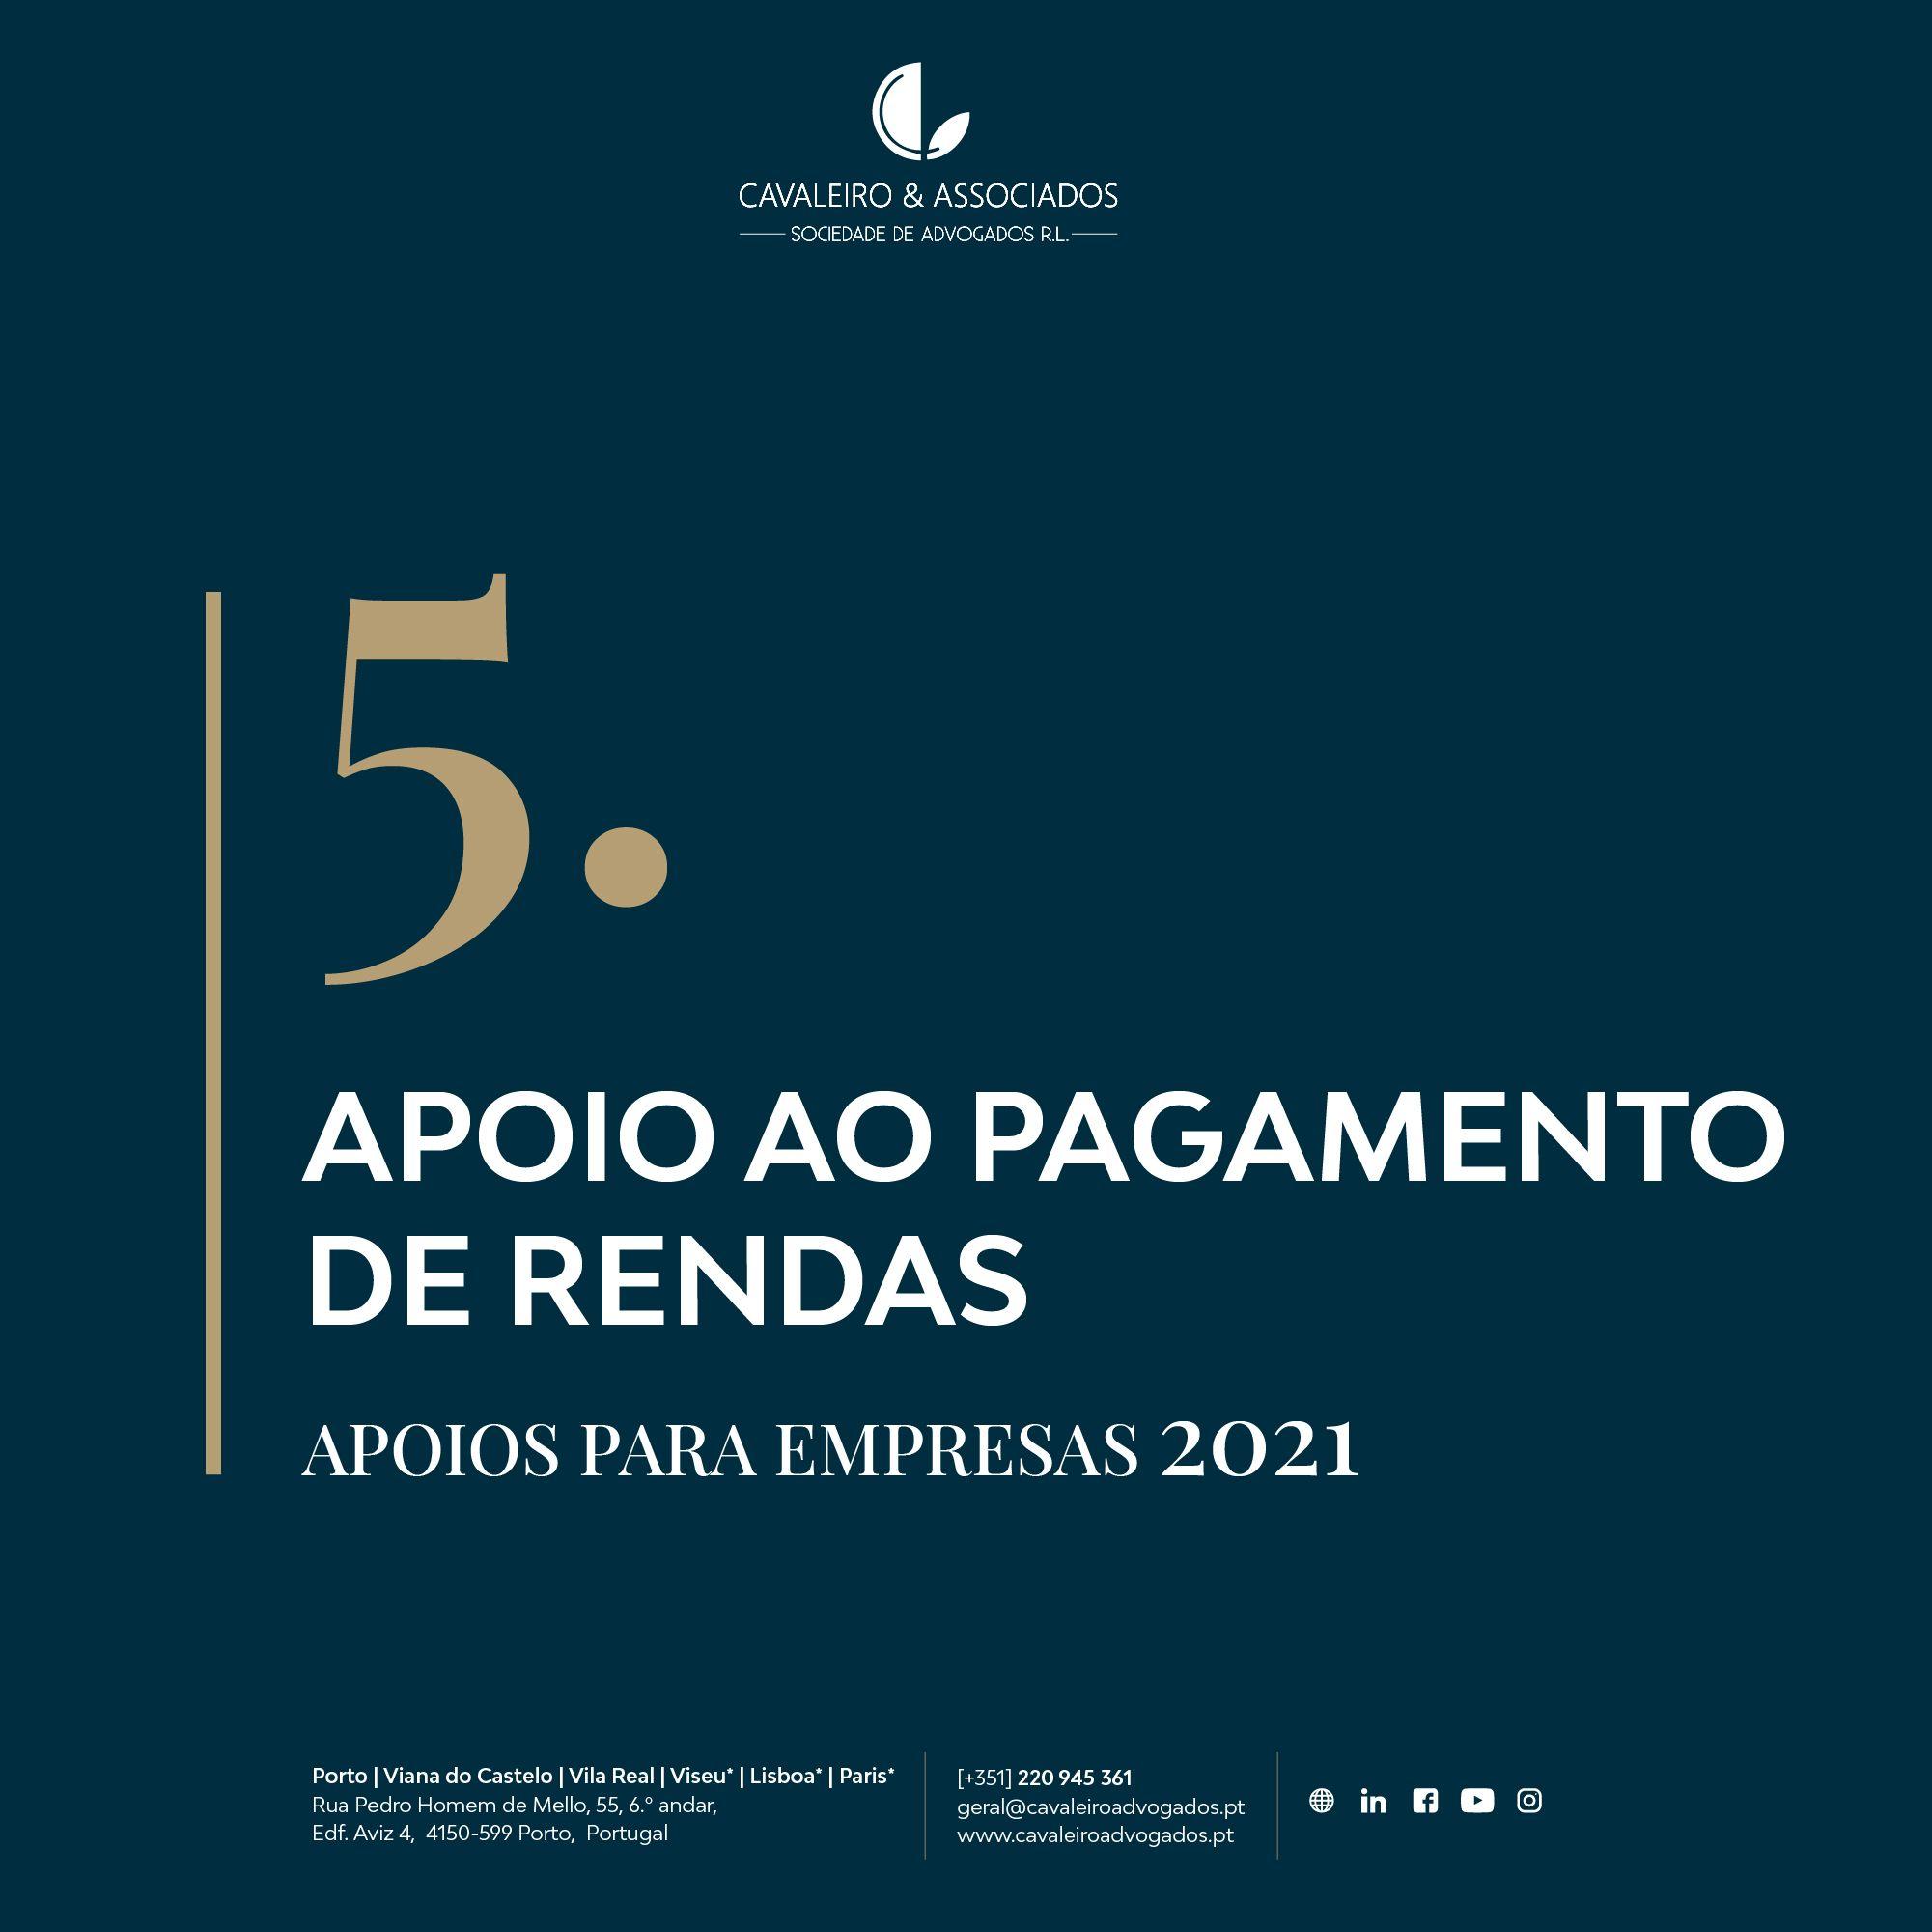 5. APOIO AO PAGAMENTO DE RENDAS I APOIOS PARA EMPRESAS 2021